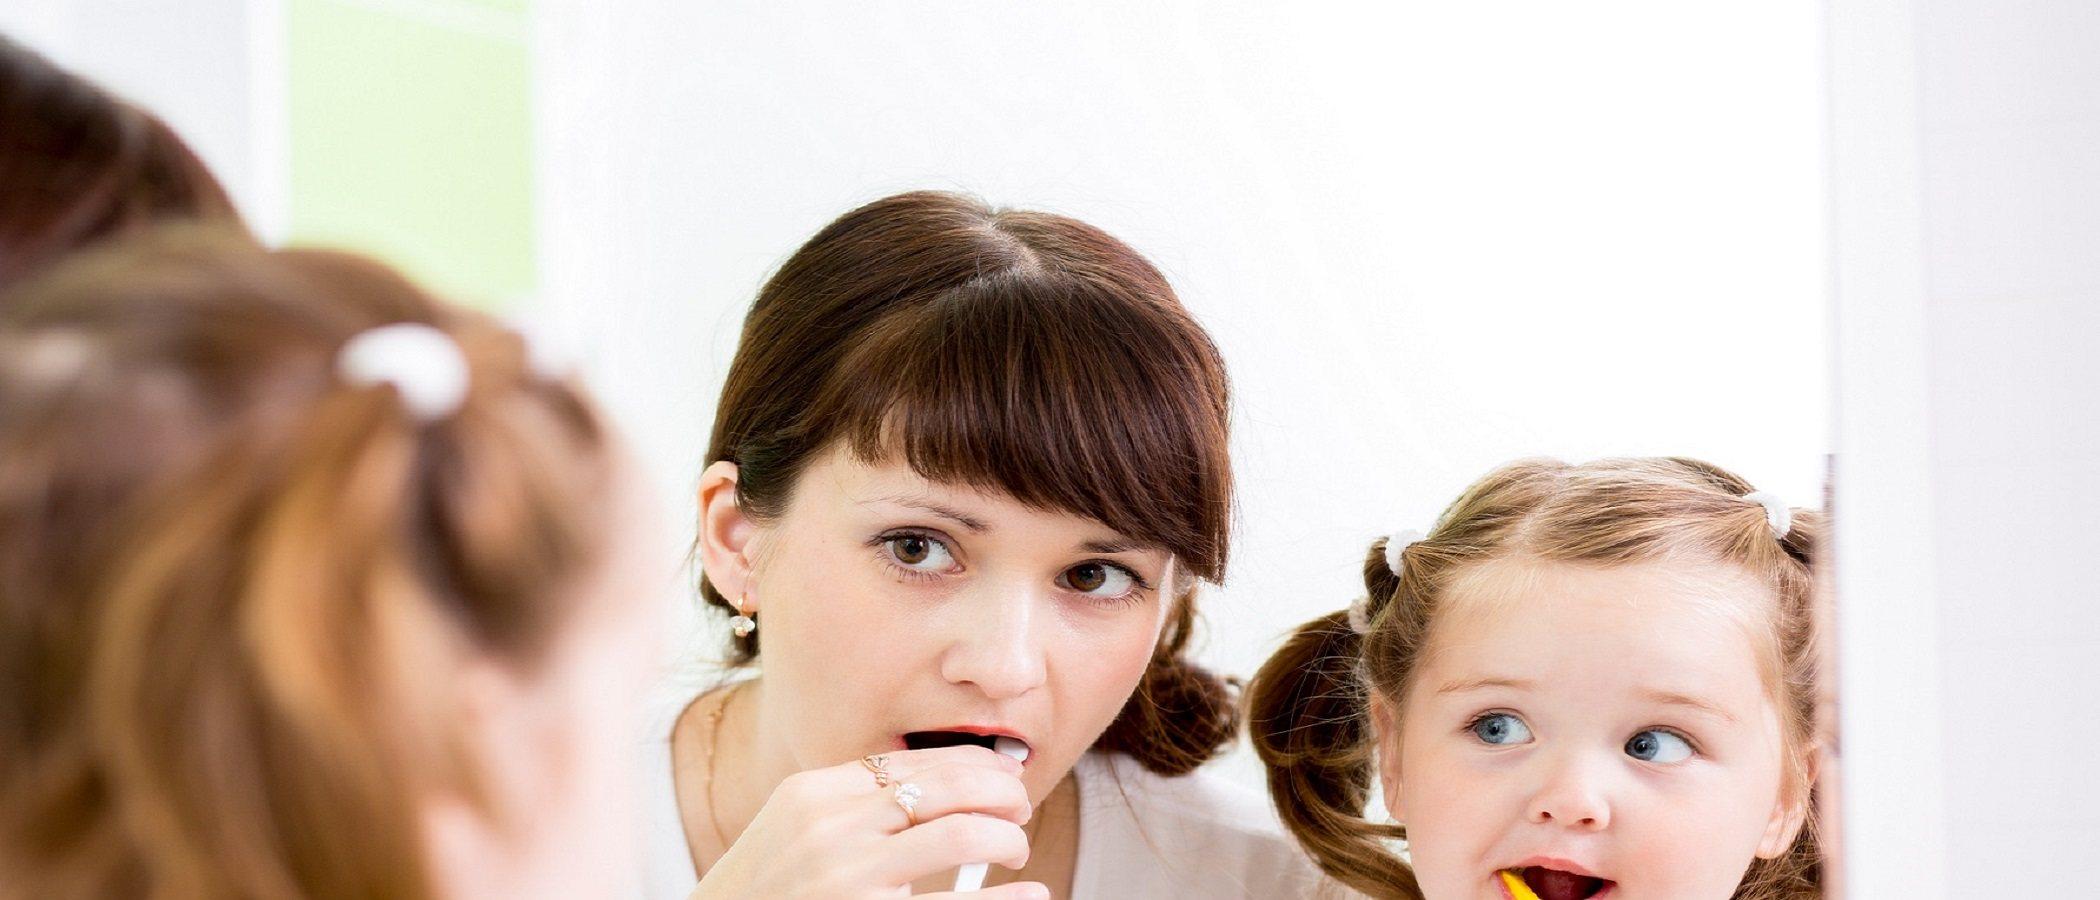 Enseña a tus hijos a no decir mentiras